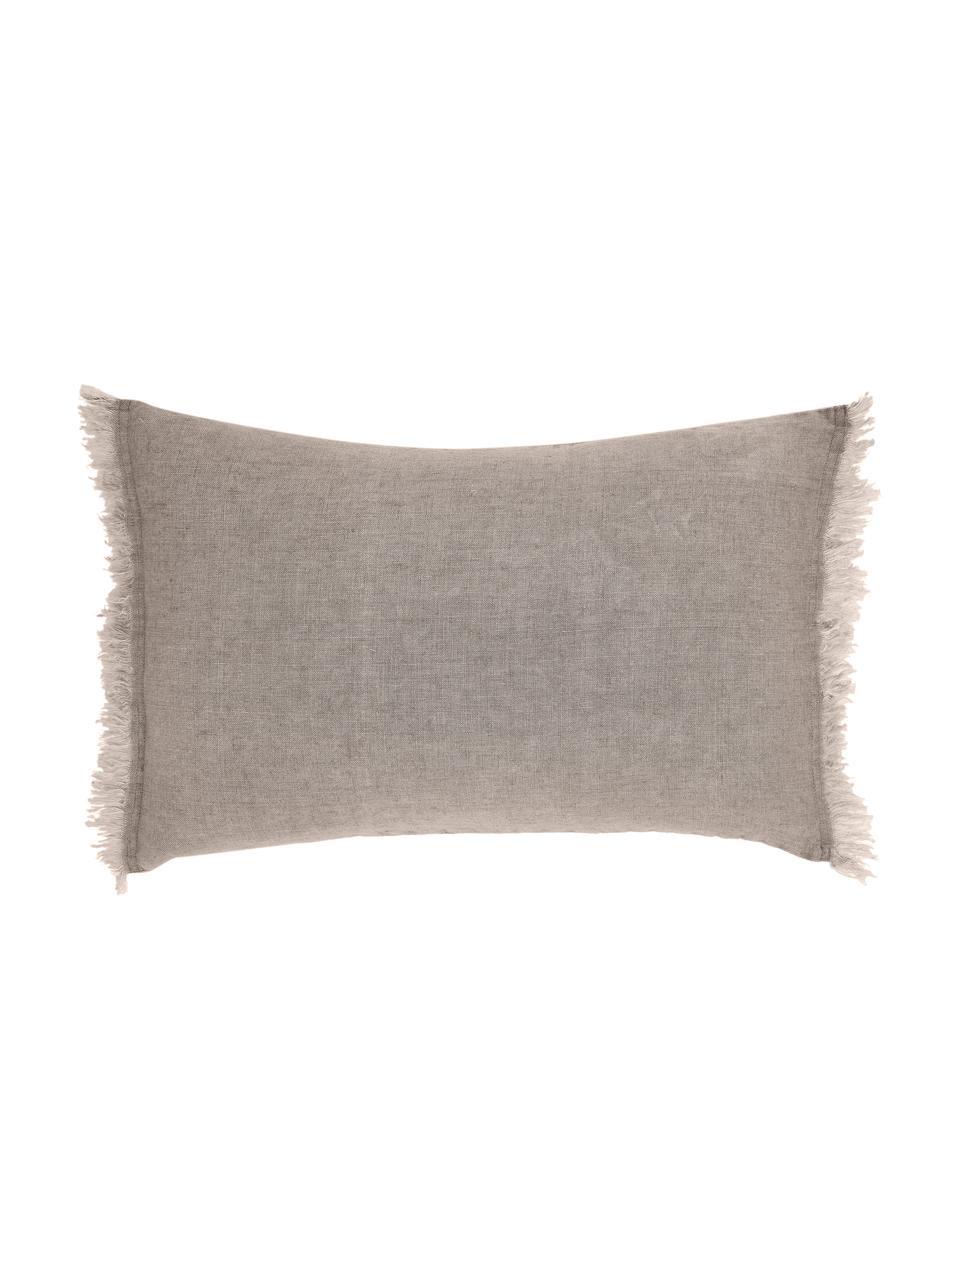 Leinen-Kissen Levelin mit Fransen, mit Inlett, Beige, 40 x 60 cm